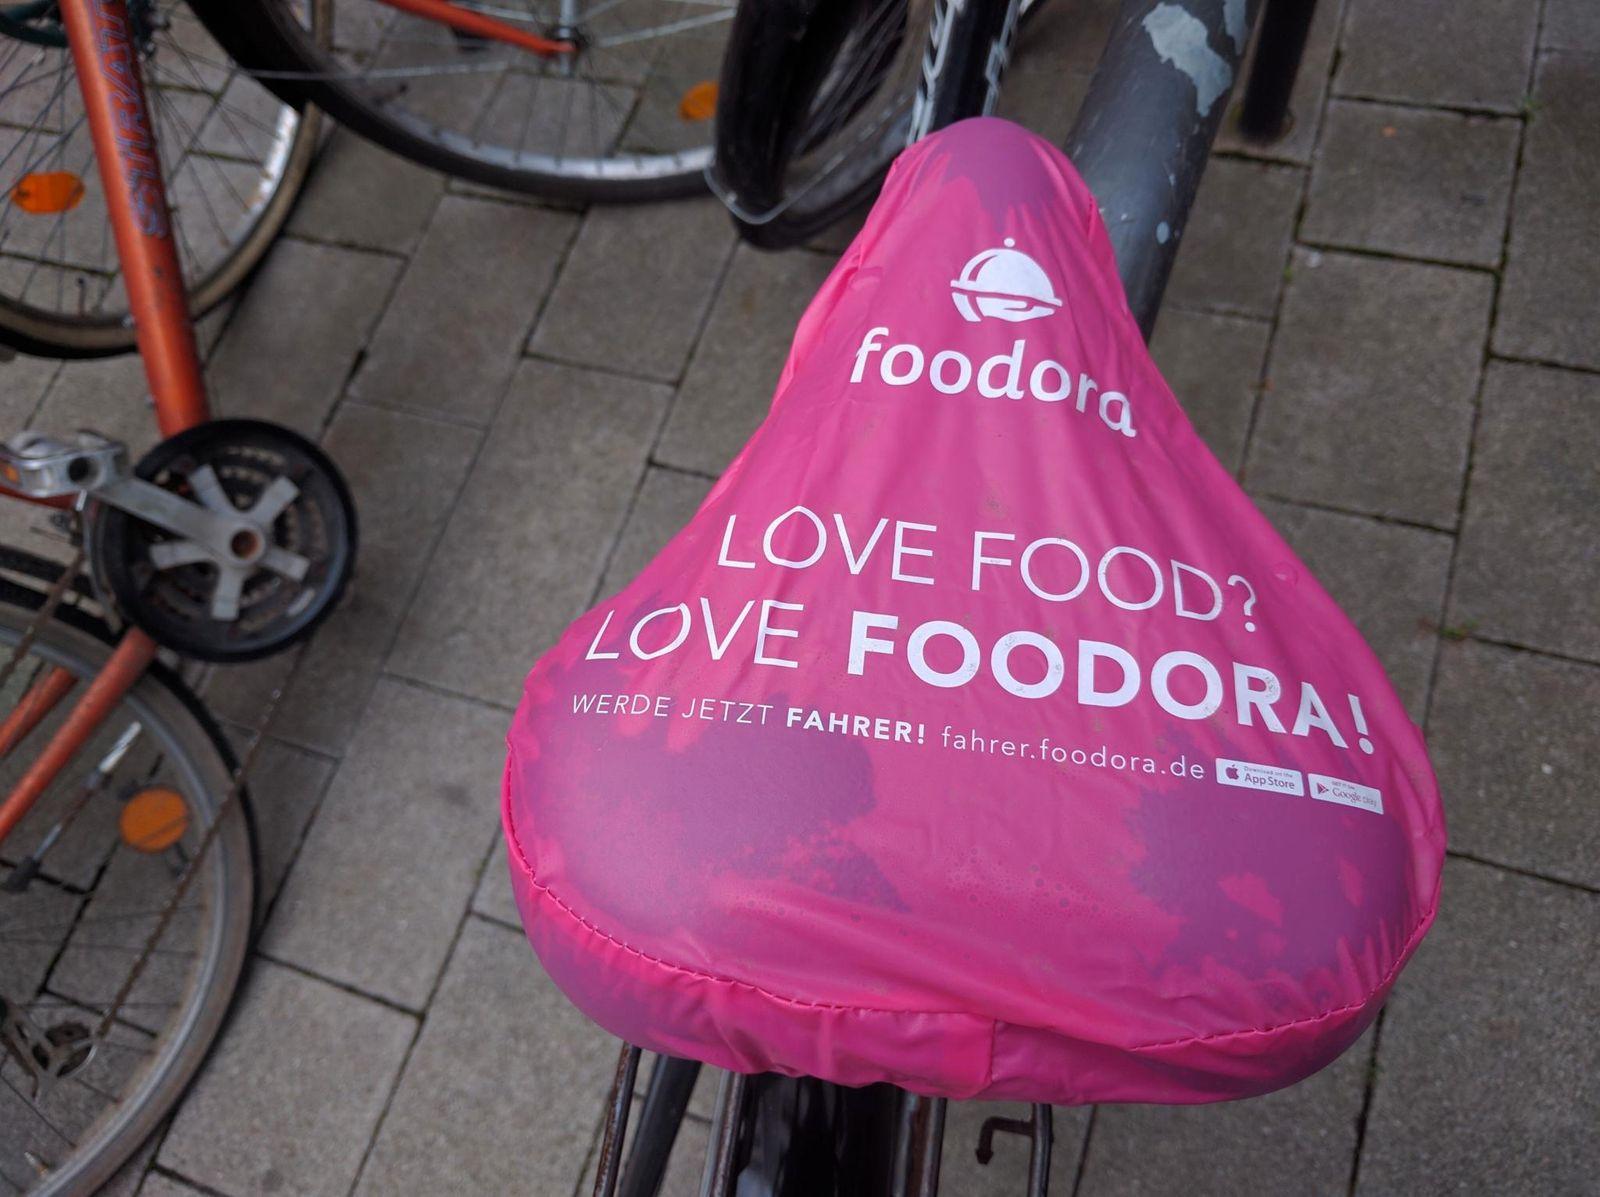 Fahrrad-Werbung für Foodora in Leipzig